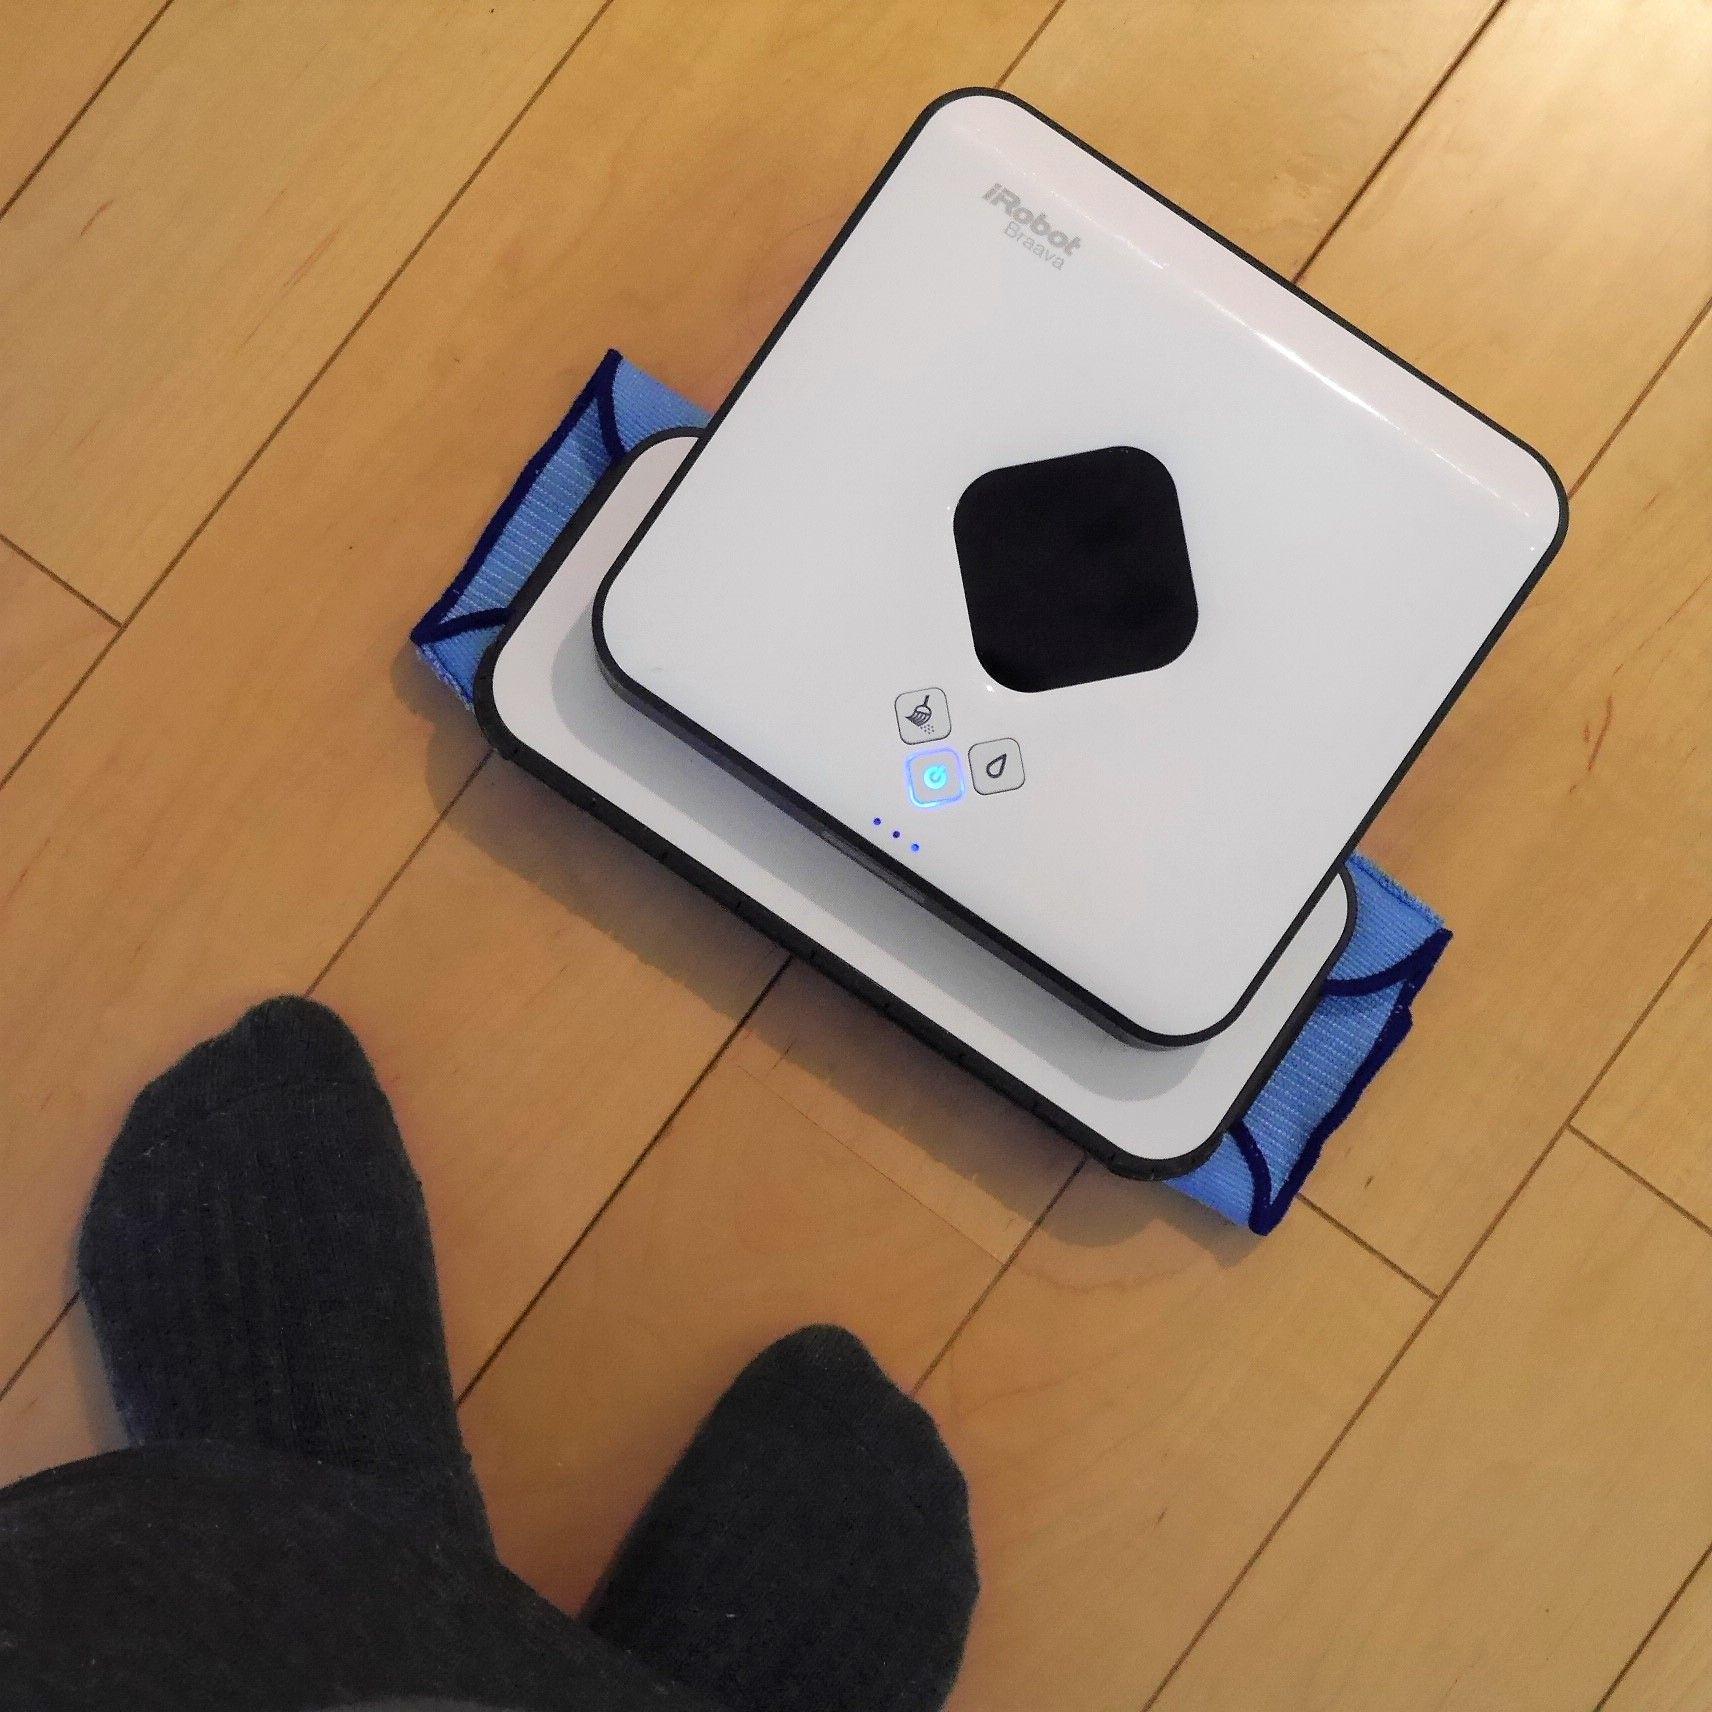 【お試しレポ】床がサラサラだと気持ちいい♪ 素足+床暖房フローリング生活にオススメの床拭きロボットブラーバ380のウェットモード by アイロボット